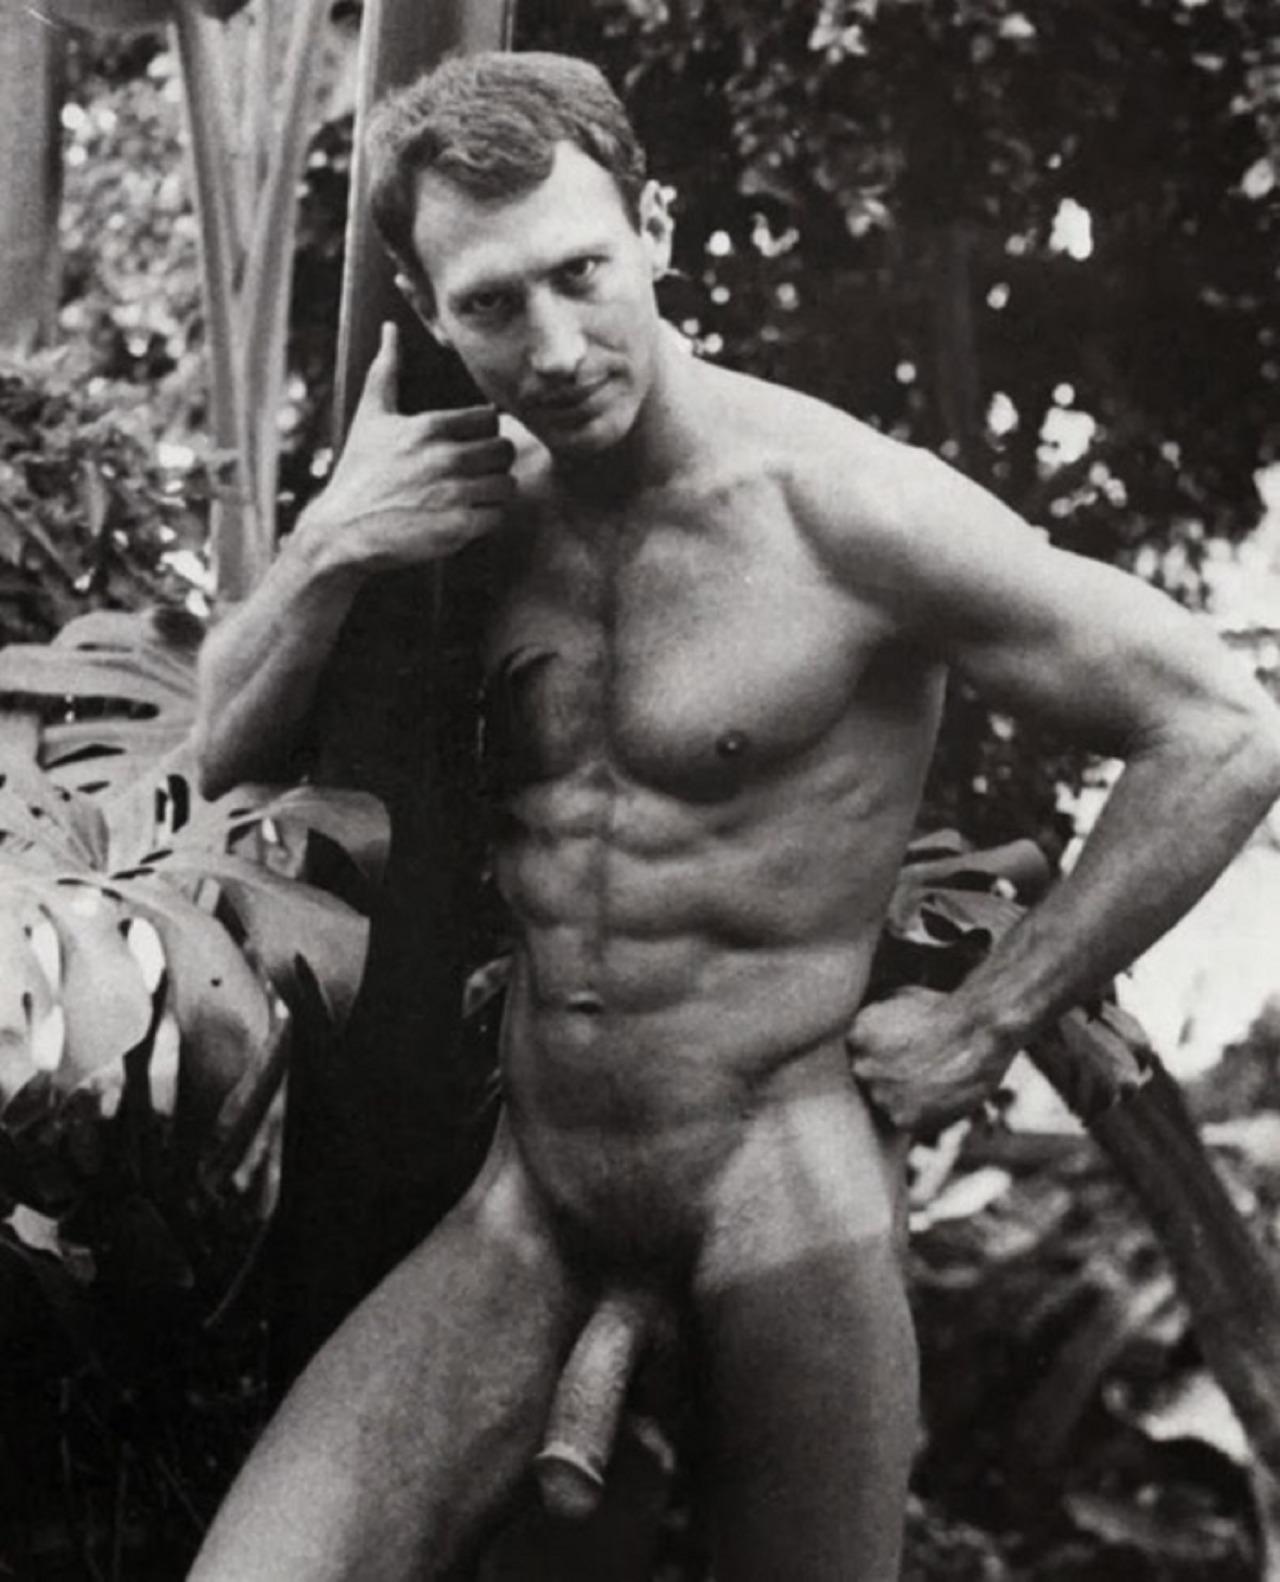 Hal Drake vintage gay hot daddy dude men porn